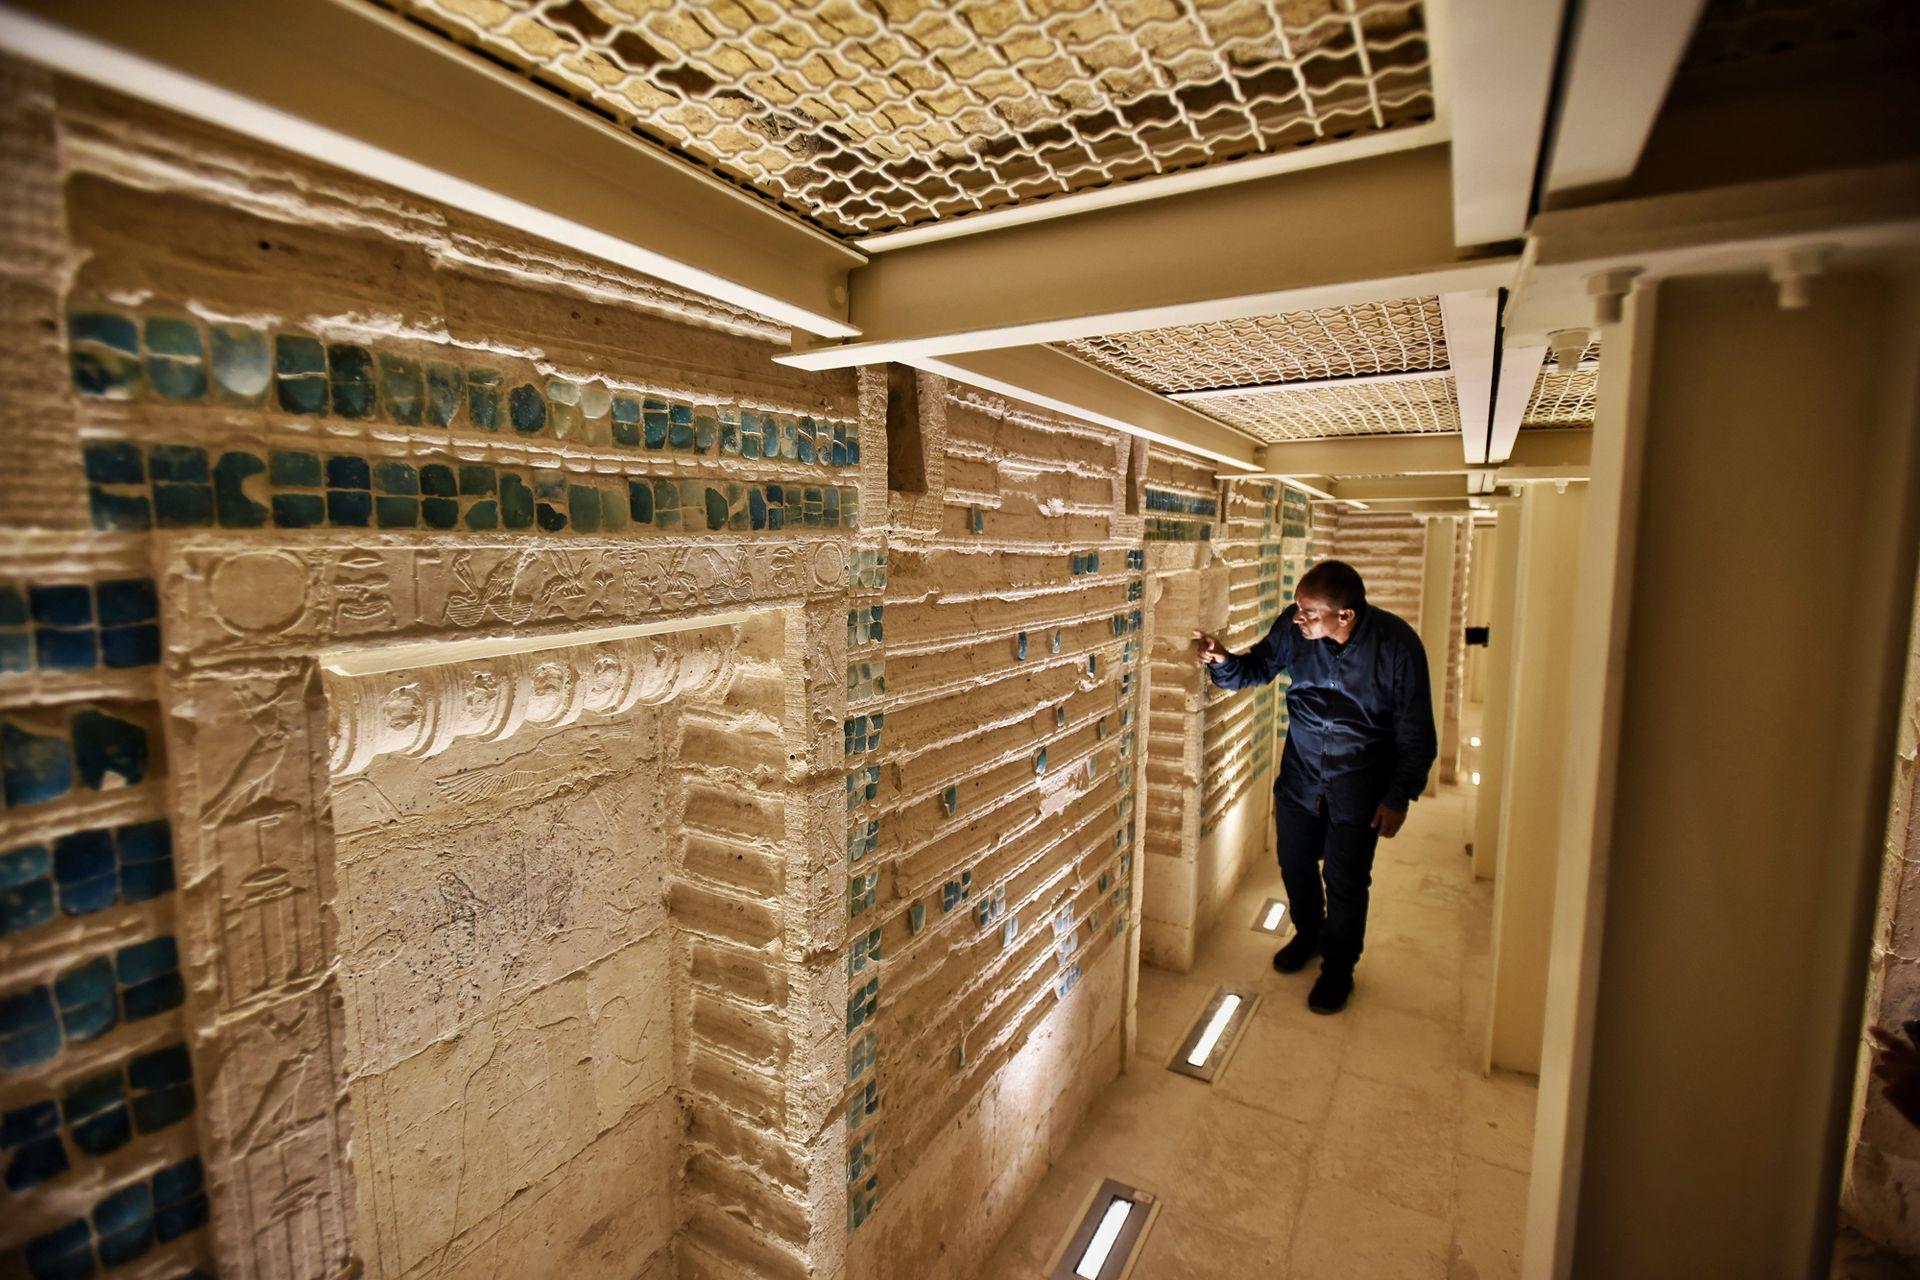 Después de décadas de abandono y riesgo de colapso, en 2006 el gobierno egipcio comenzó un ambicioso proyecto para restaurarla y devolverle su esplendor.